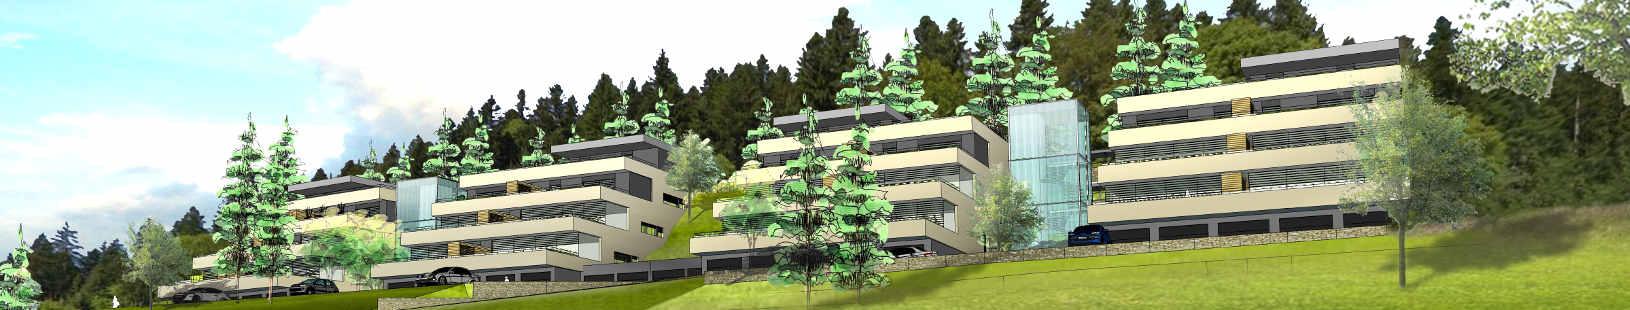 Un programme de haute qualité architecturale dans un site exceptionnel